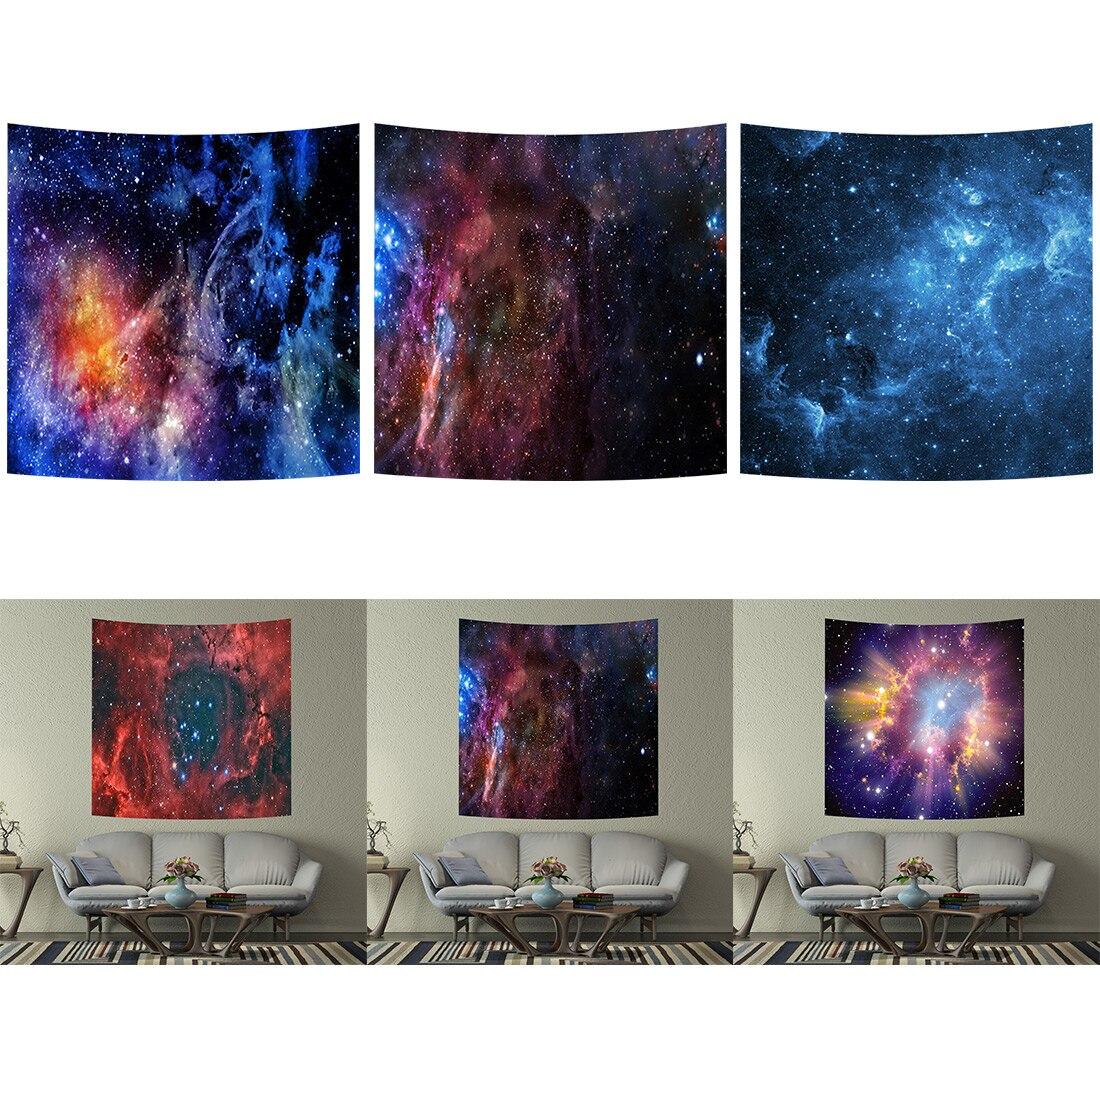 @1  3 размер галактики настенный гобелен 3D арт ковер одеяло йога коврик декоративный гобелен дома ★